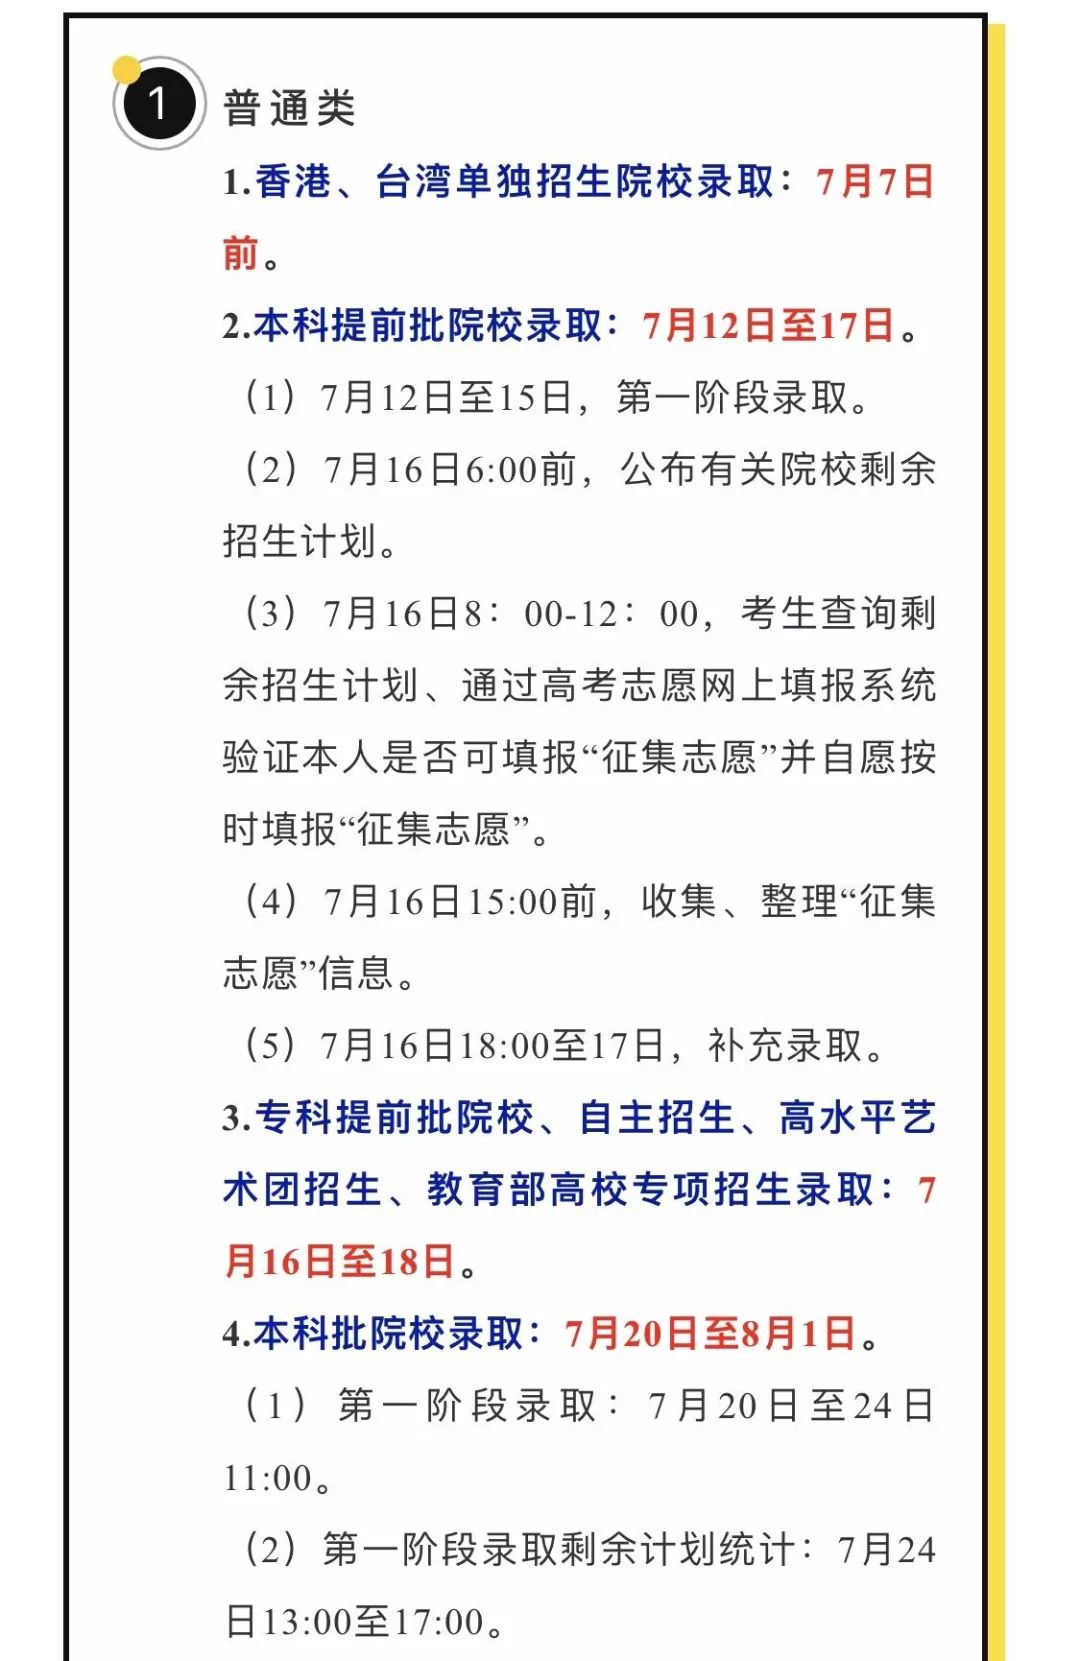 2019年辽宁省普通高校招生录取工作时间安排